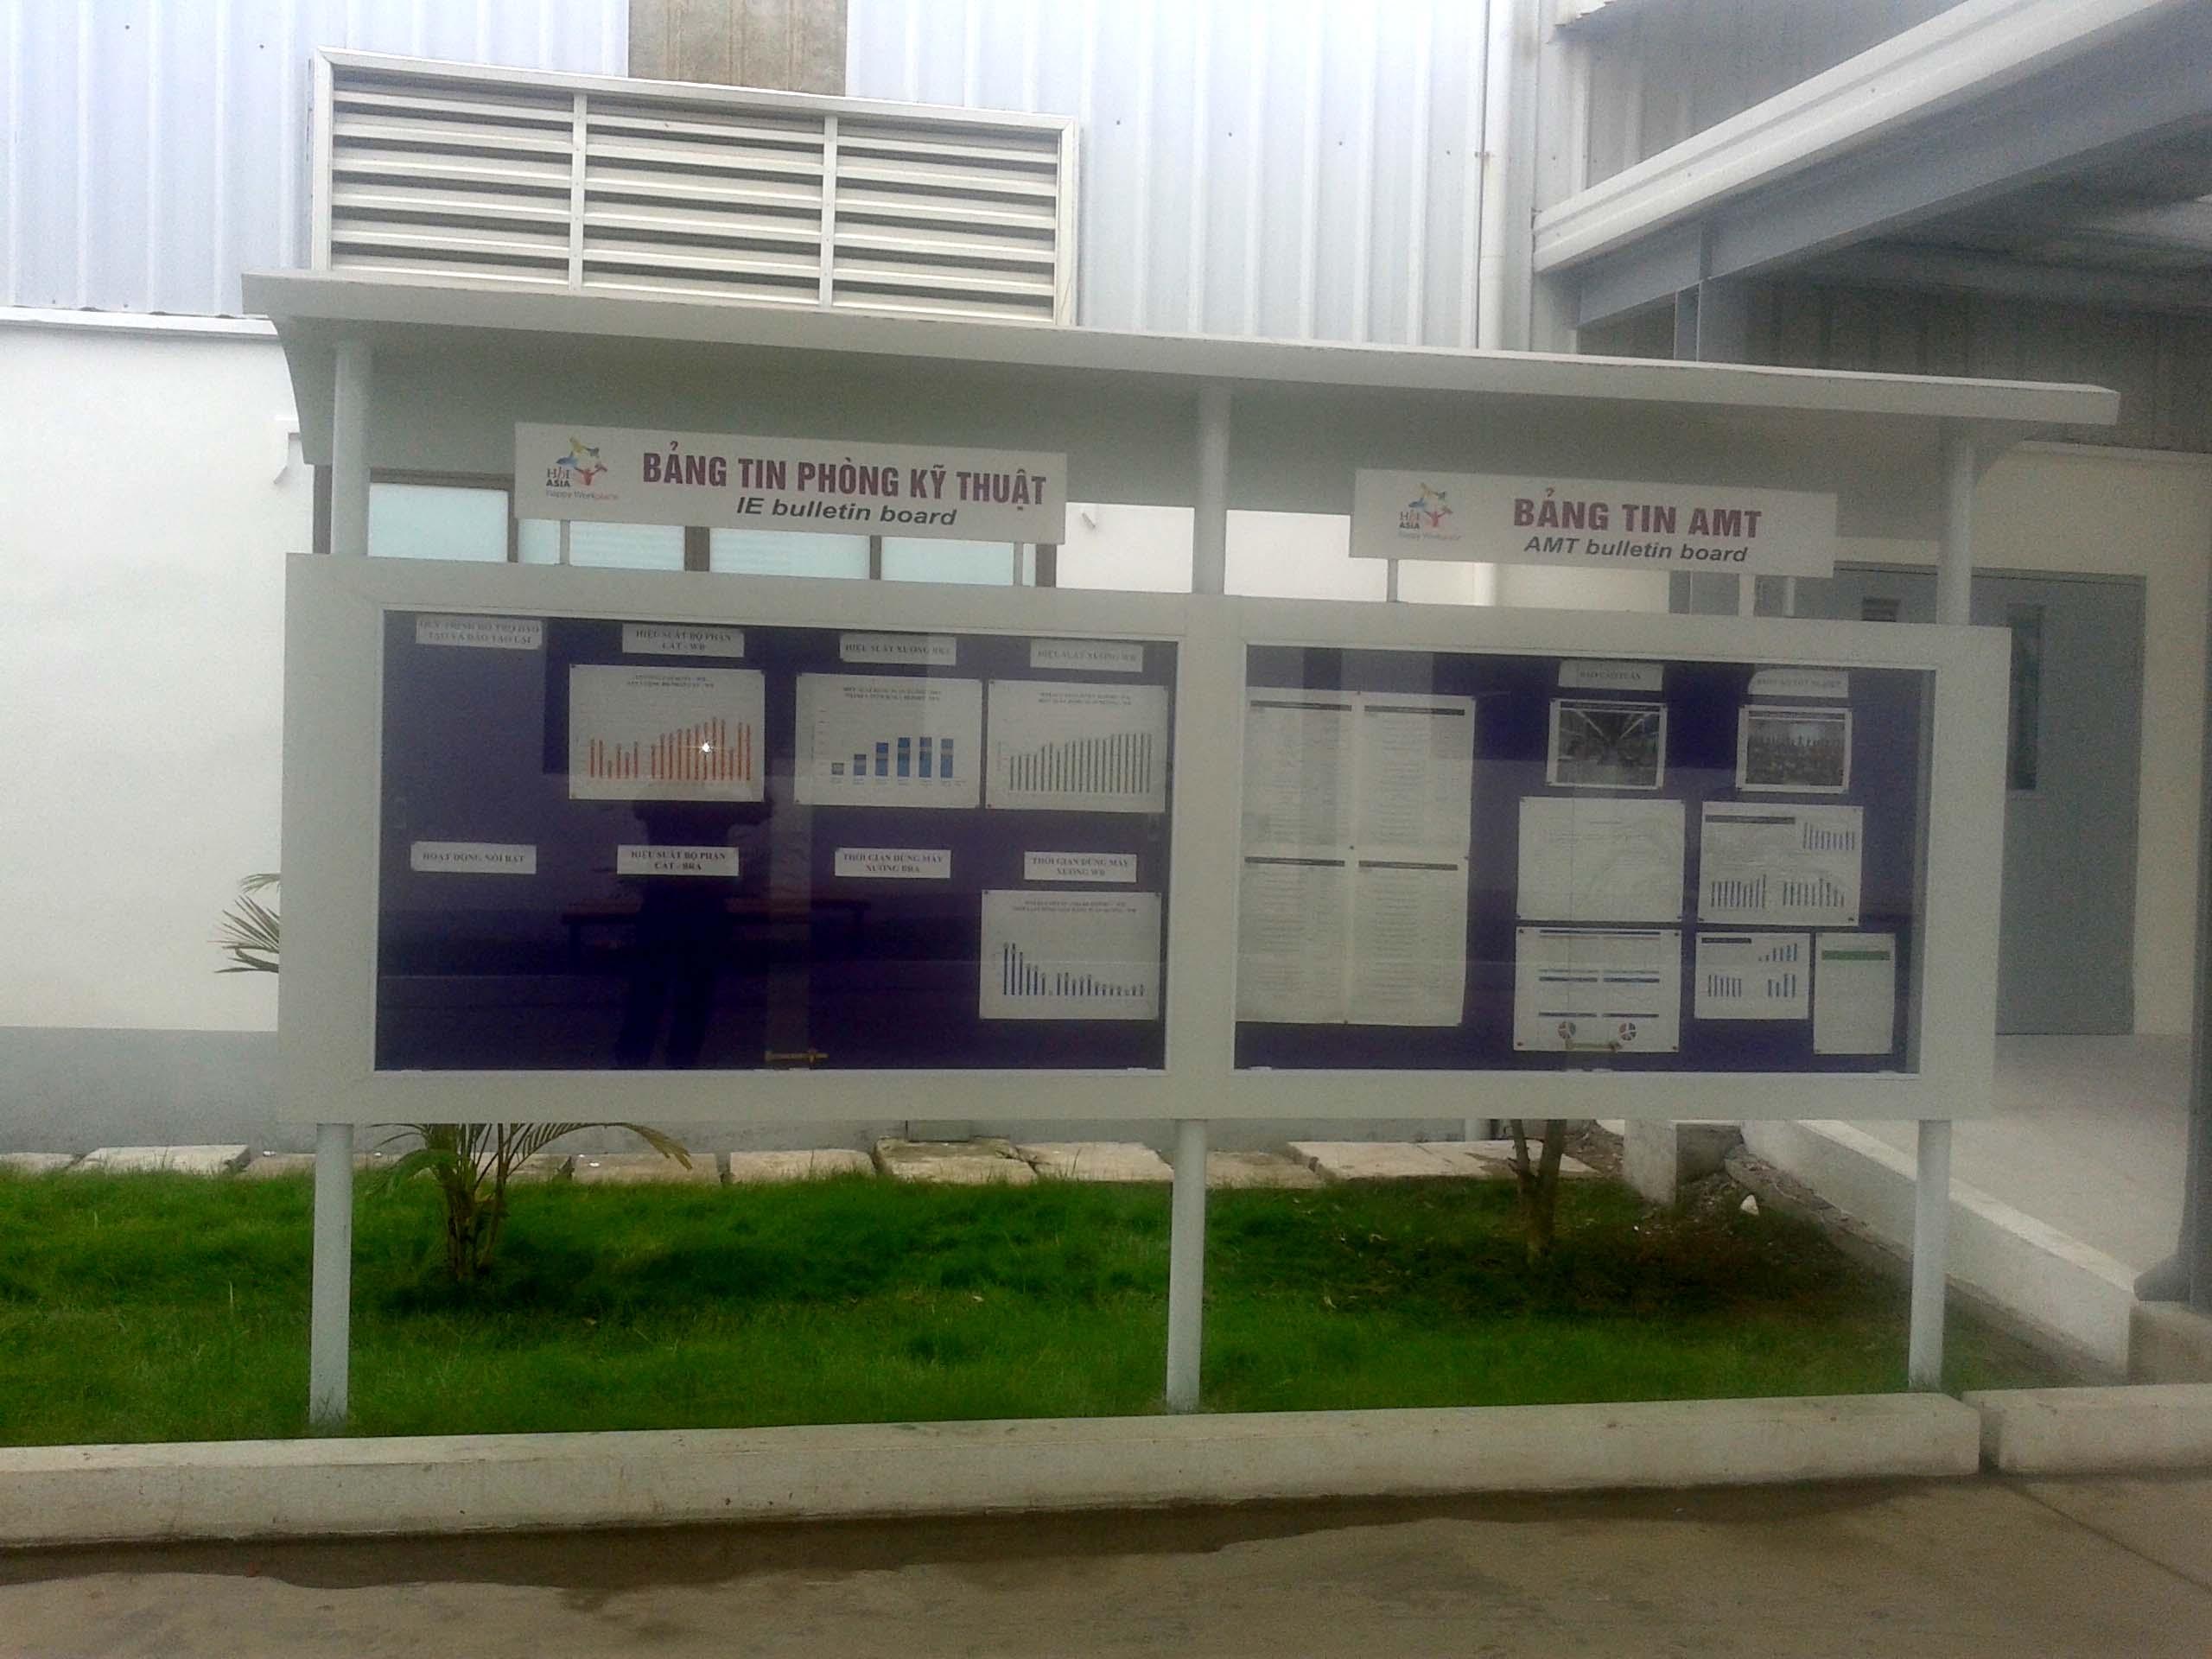 bảng tin nhà máy